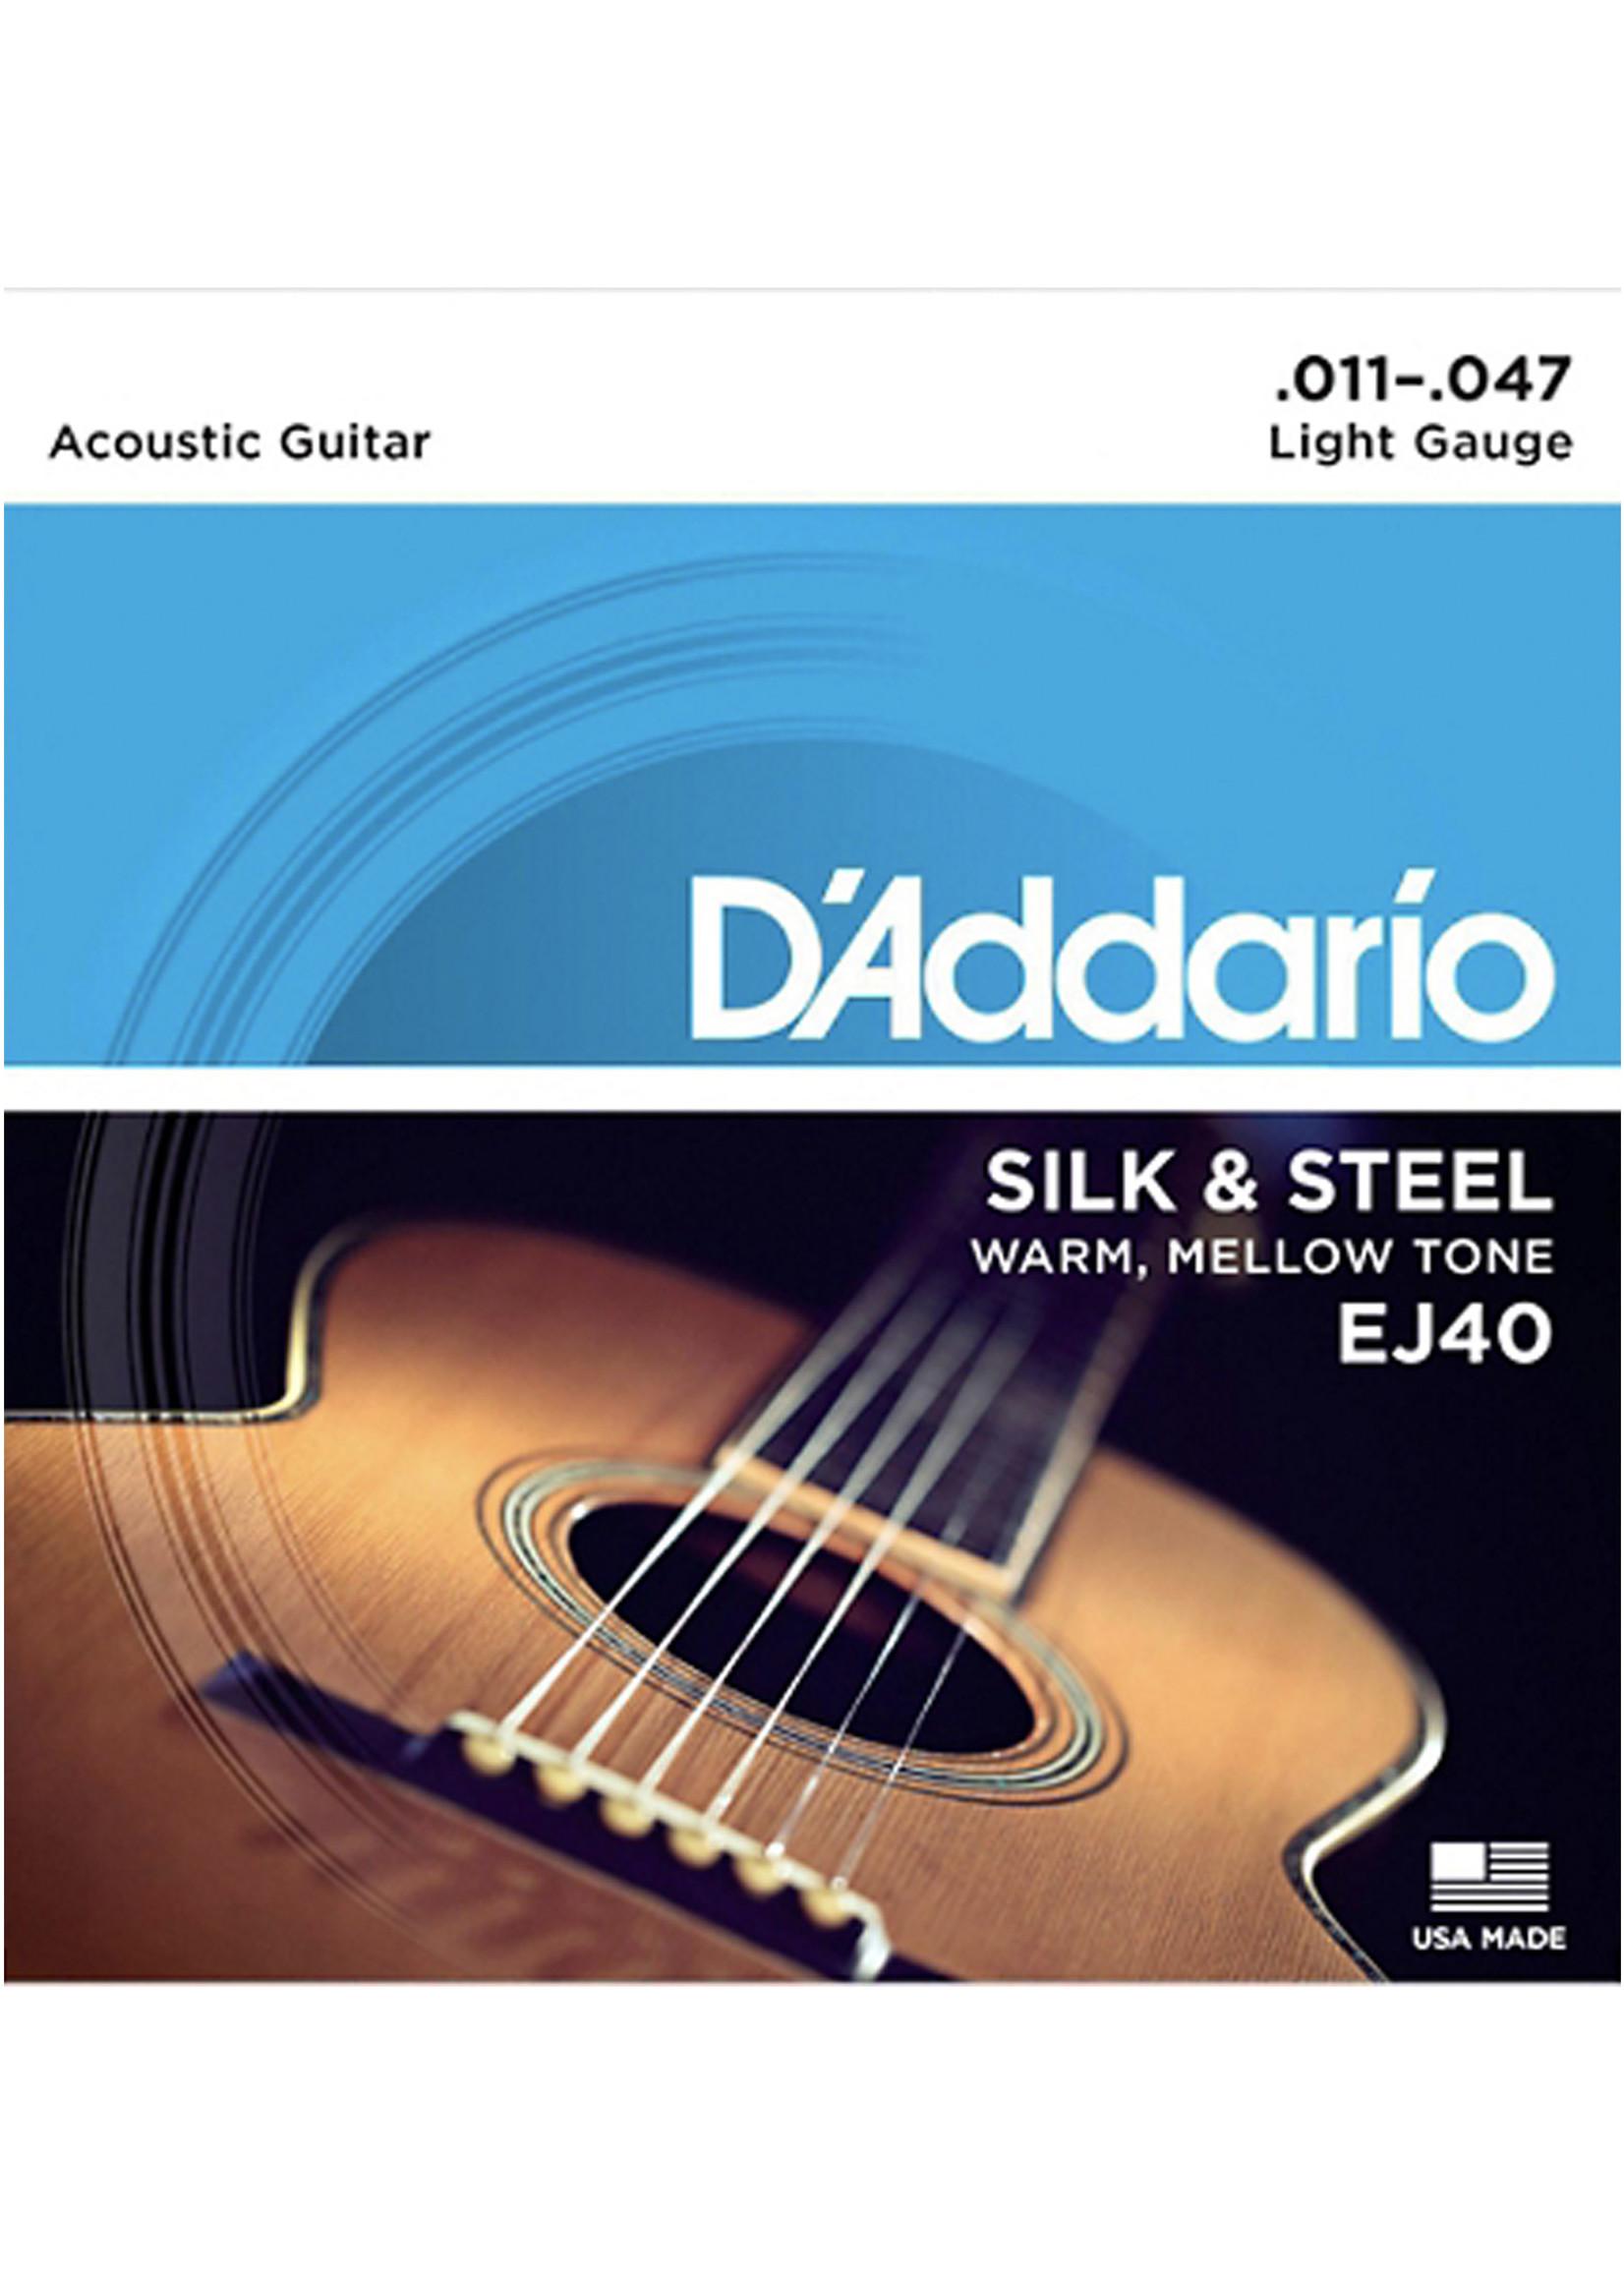 DAddario Fretted D'Addario EJ40 Silk and Steel, 11-47